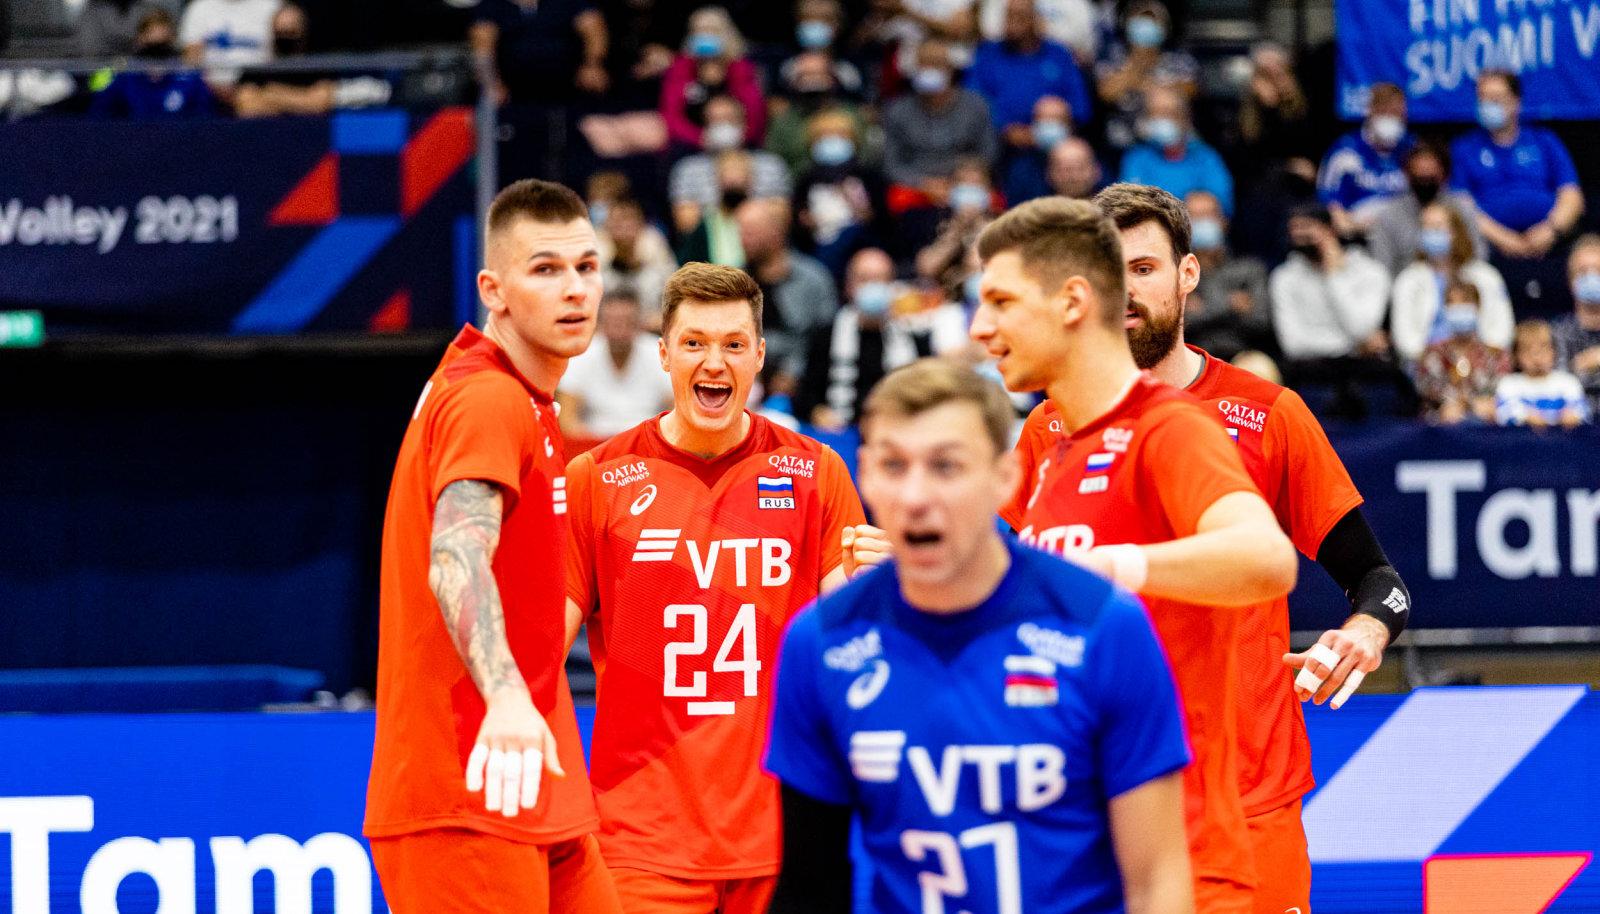 Venemaa koondisel pole EM-il õiget diagonaalründajat, Türgi vastu täitis seda rolli nurgamees Jegor Kljuka, kes tõigi resultatiivseimana 20 punkti.